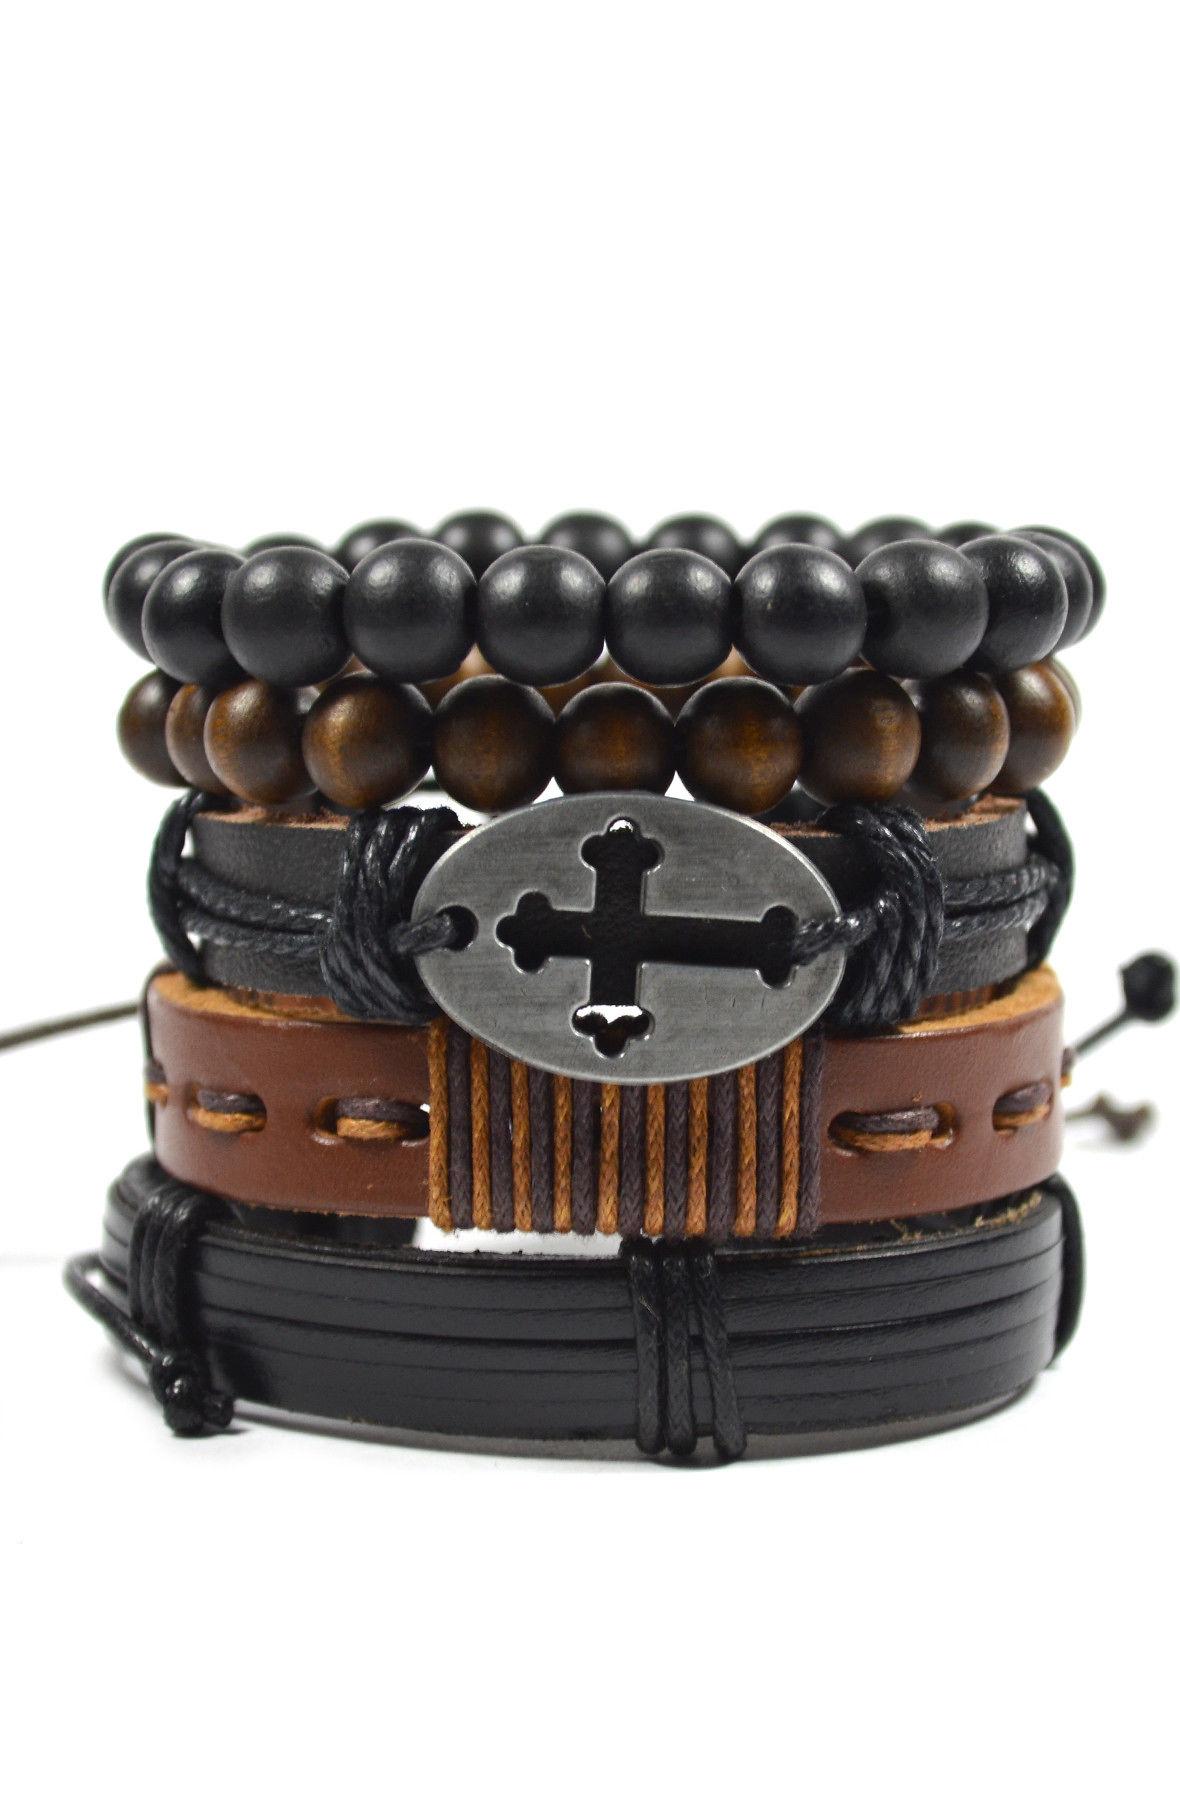 Image of 5 Pack Black and Brown Cross Men's Bracelet Set